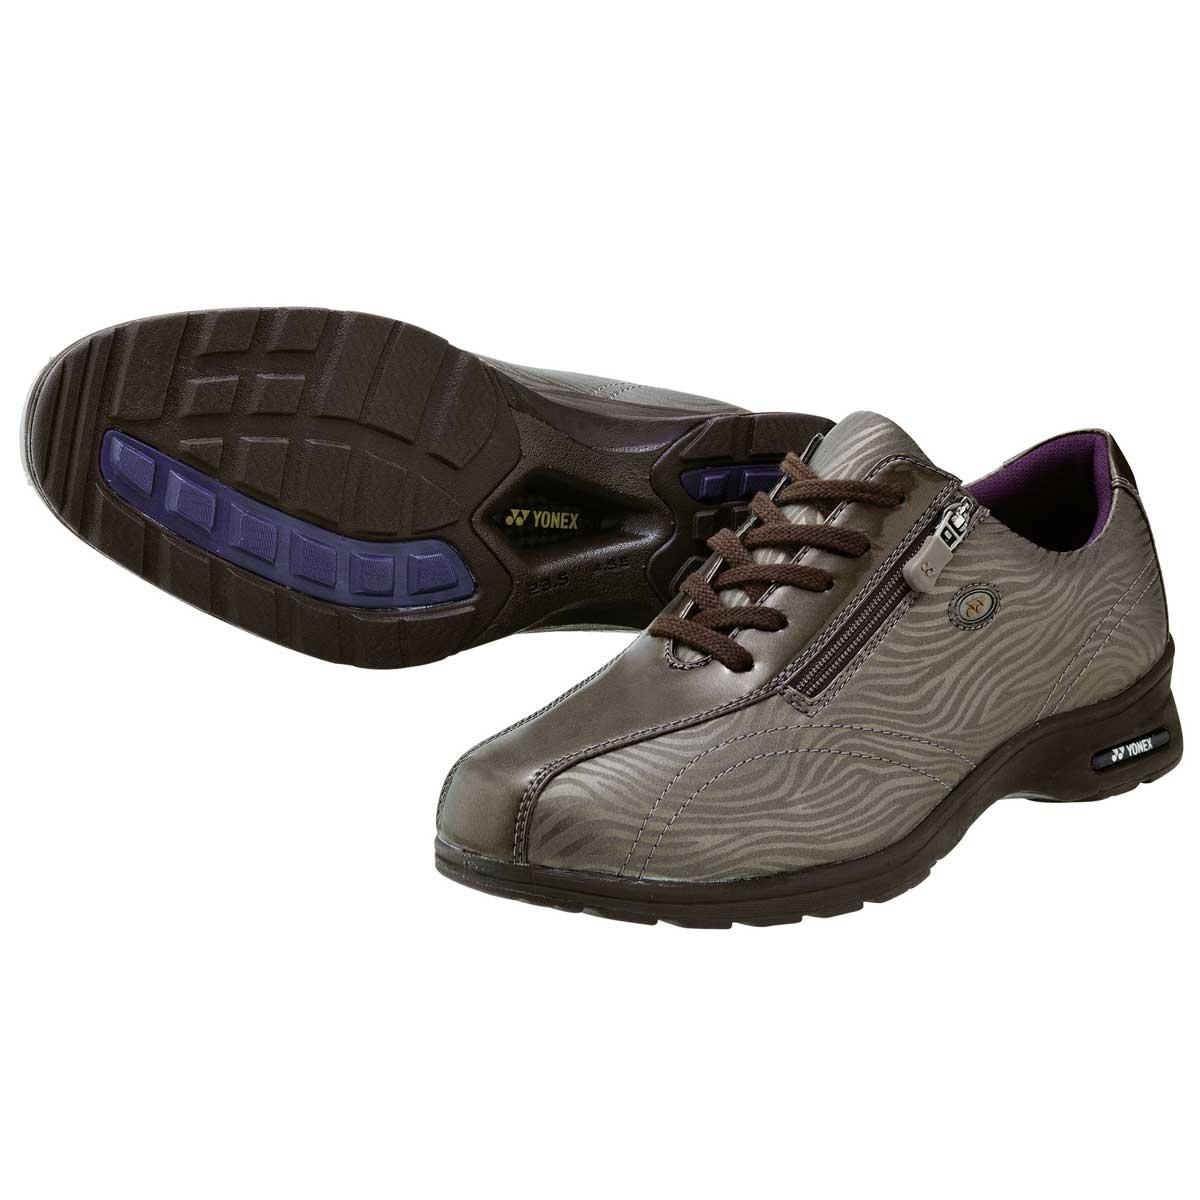 YONEX ヨネックス LC30W ゼブラセピア4.5Eのワイド幅&ハイパーライトソールで超軽量ストレッチ素材で足に楽々フィット!「靴」